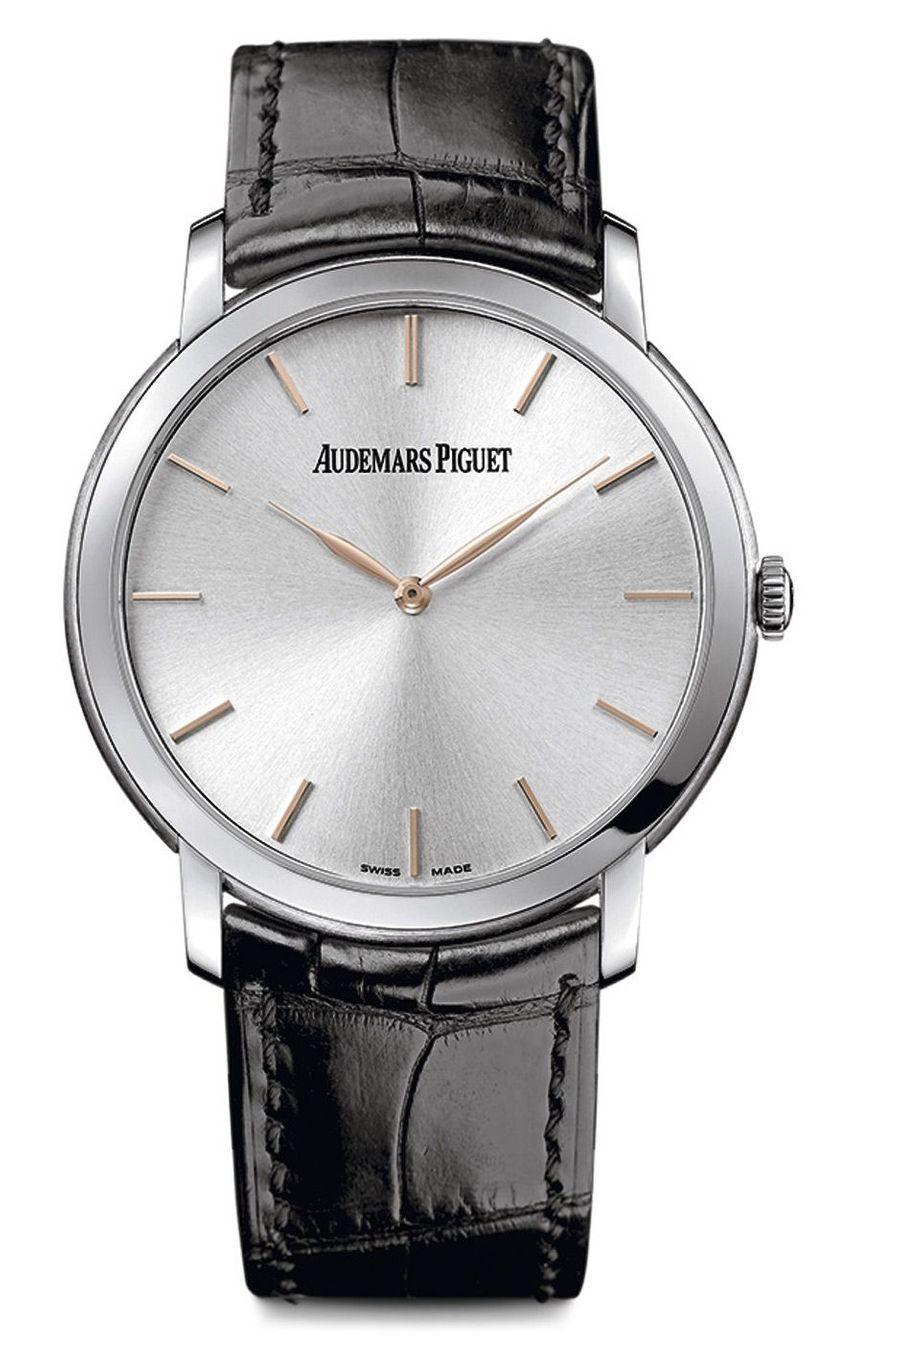 Jules Audemars, boîte en or gris de 6, 7 mm d'épaisseur, mouvement automatique de 3, 05 mm d'épaisseur, bracelet en alligator. 28 600 €. Audemars Piguet.